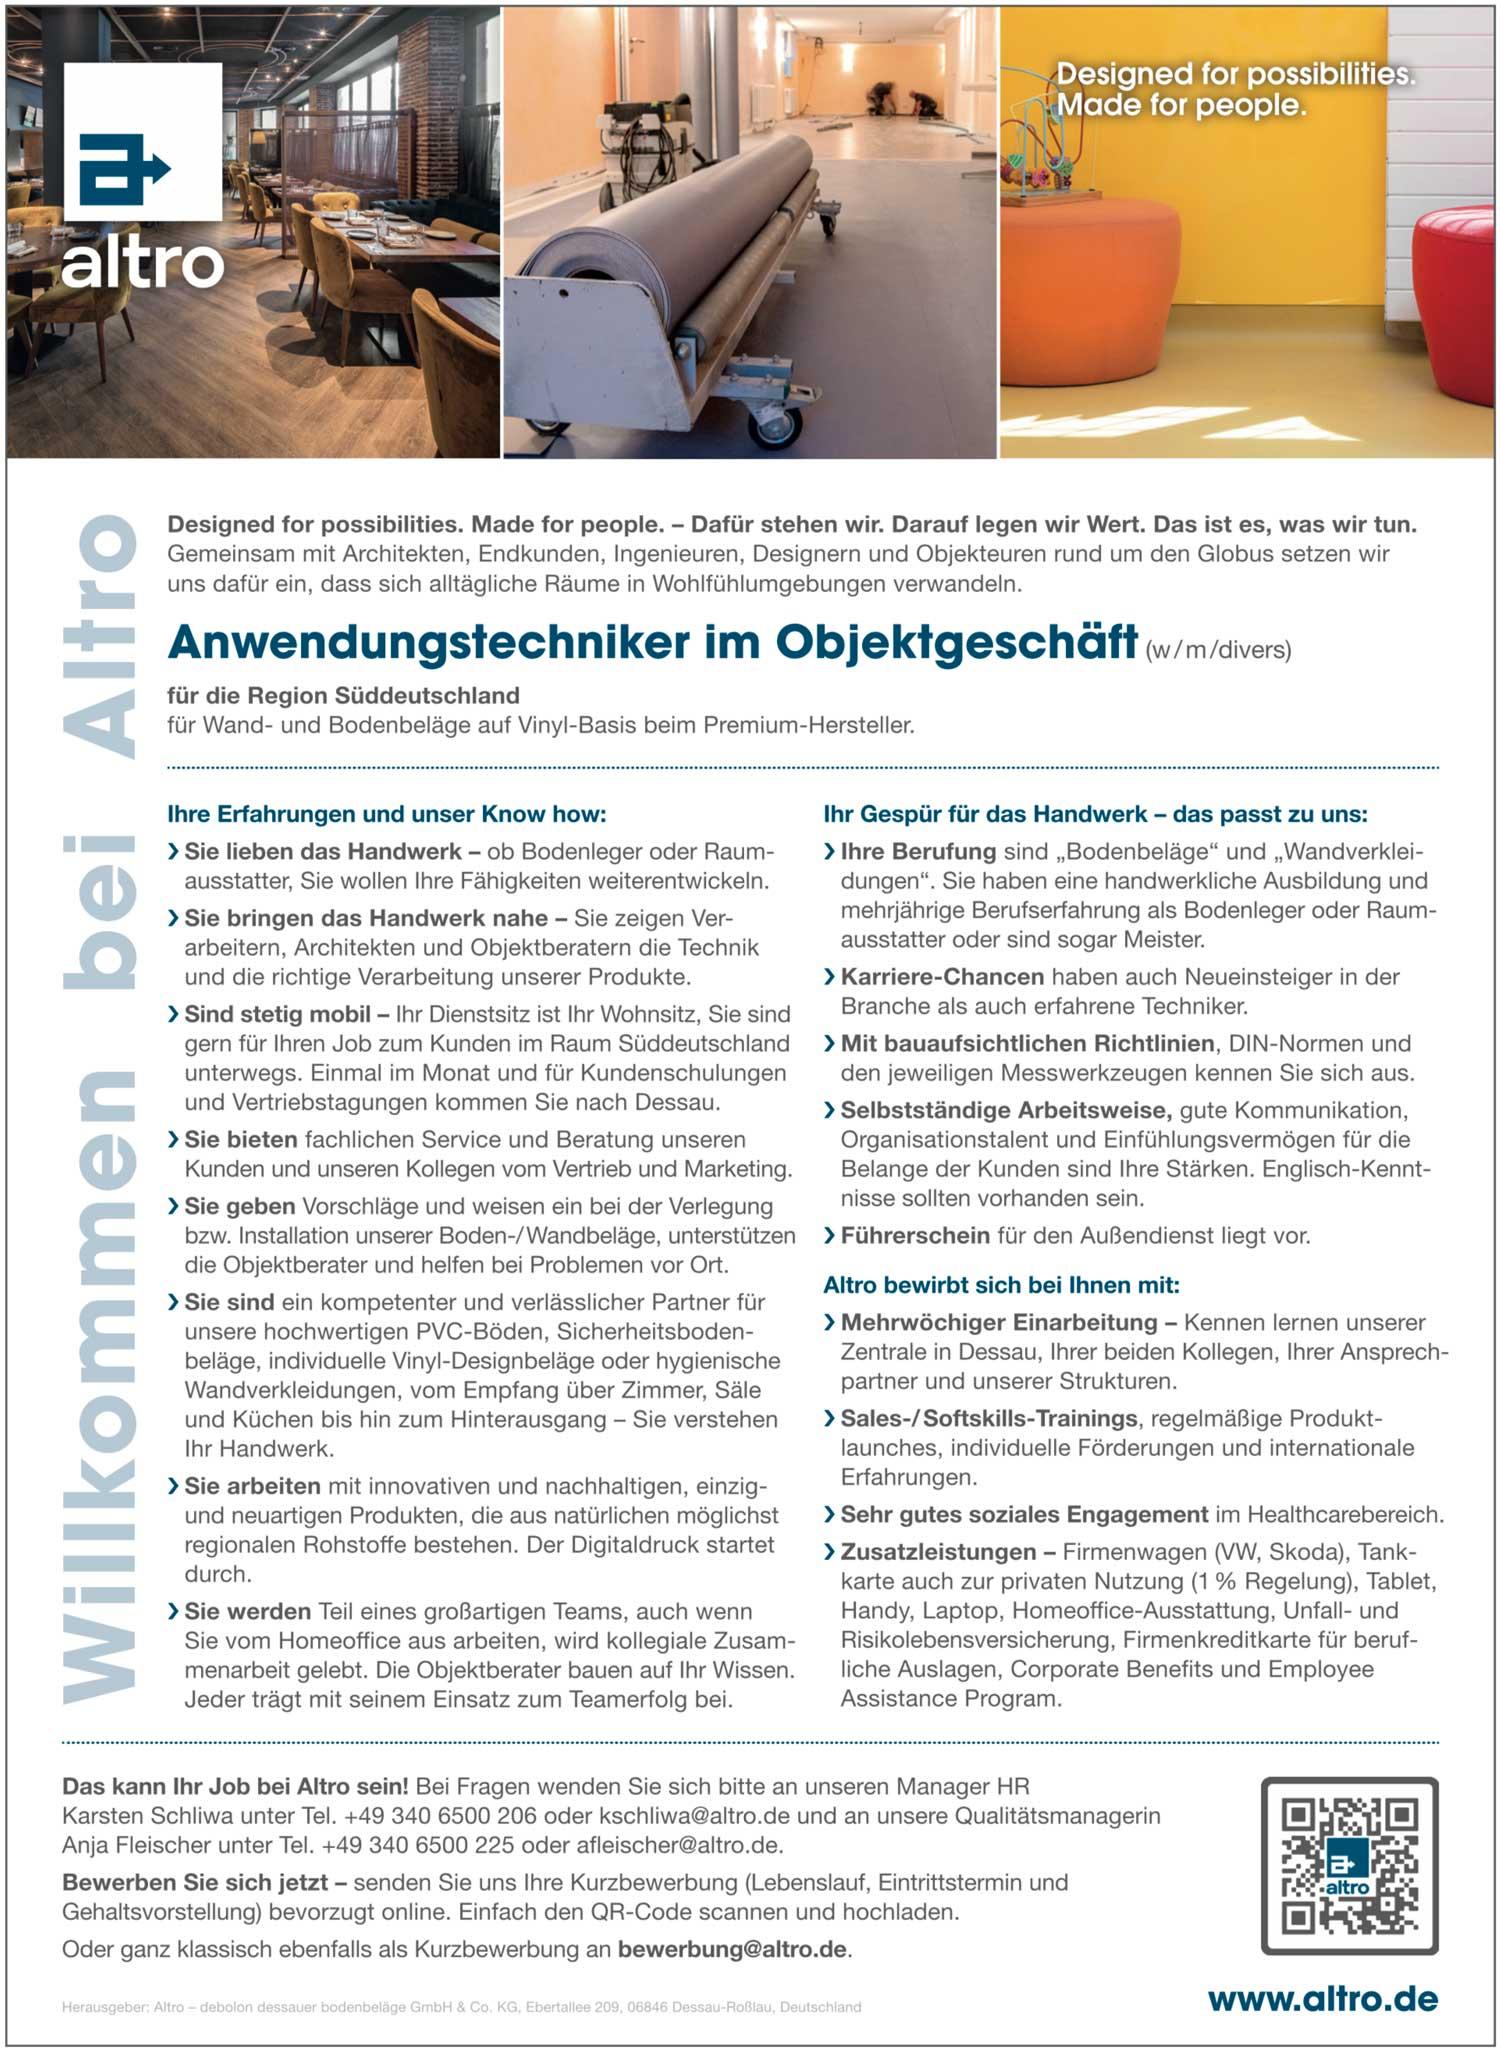 Anwendungstechniker im Objektgeschäft für Wand- und Bodenbeläge (w/m/d)